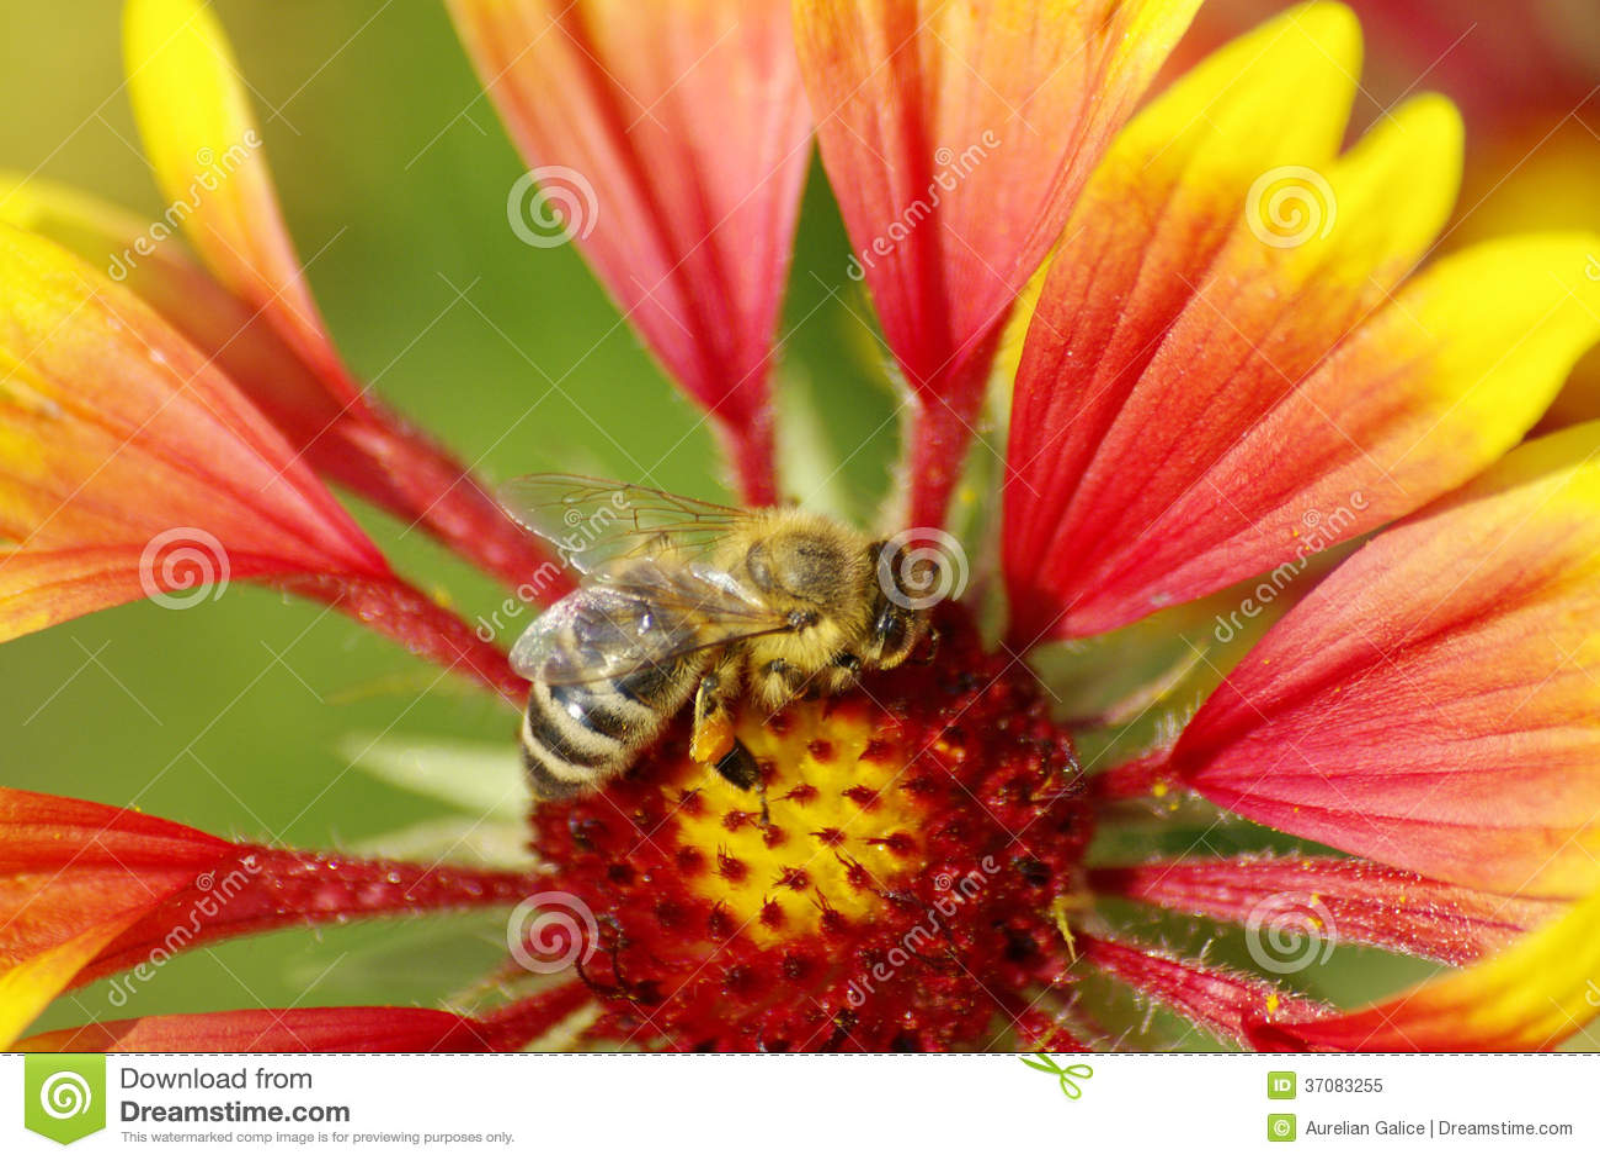 Download Pszczoła Na Czerwonym Kwiacie Obraz Stock - Obraz złożonej z sezon, insekt: 37083255